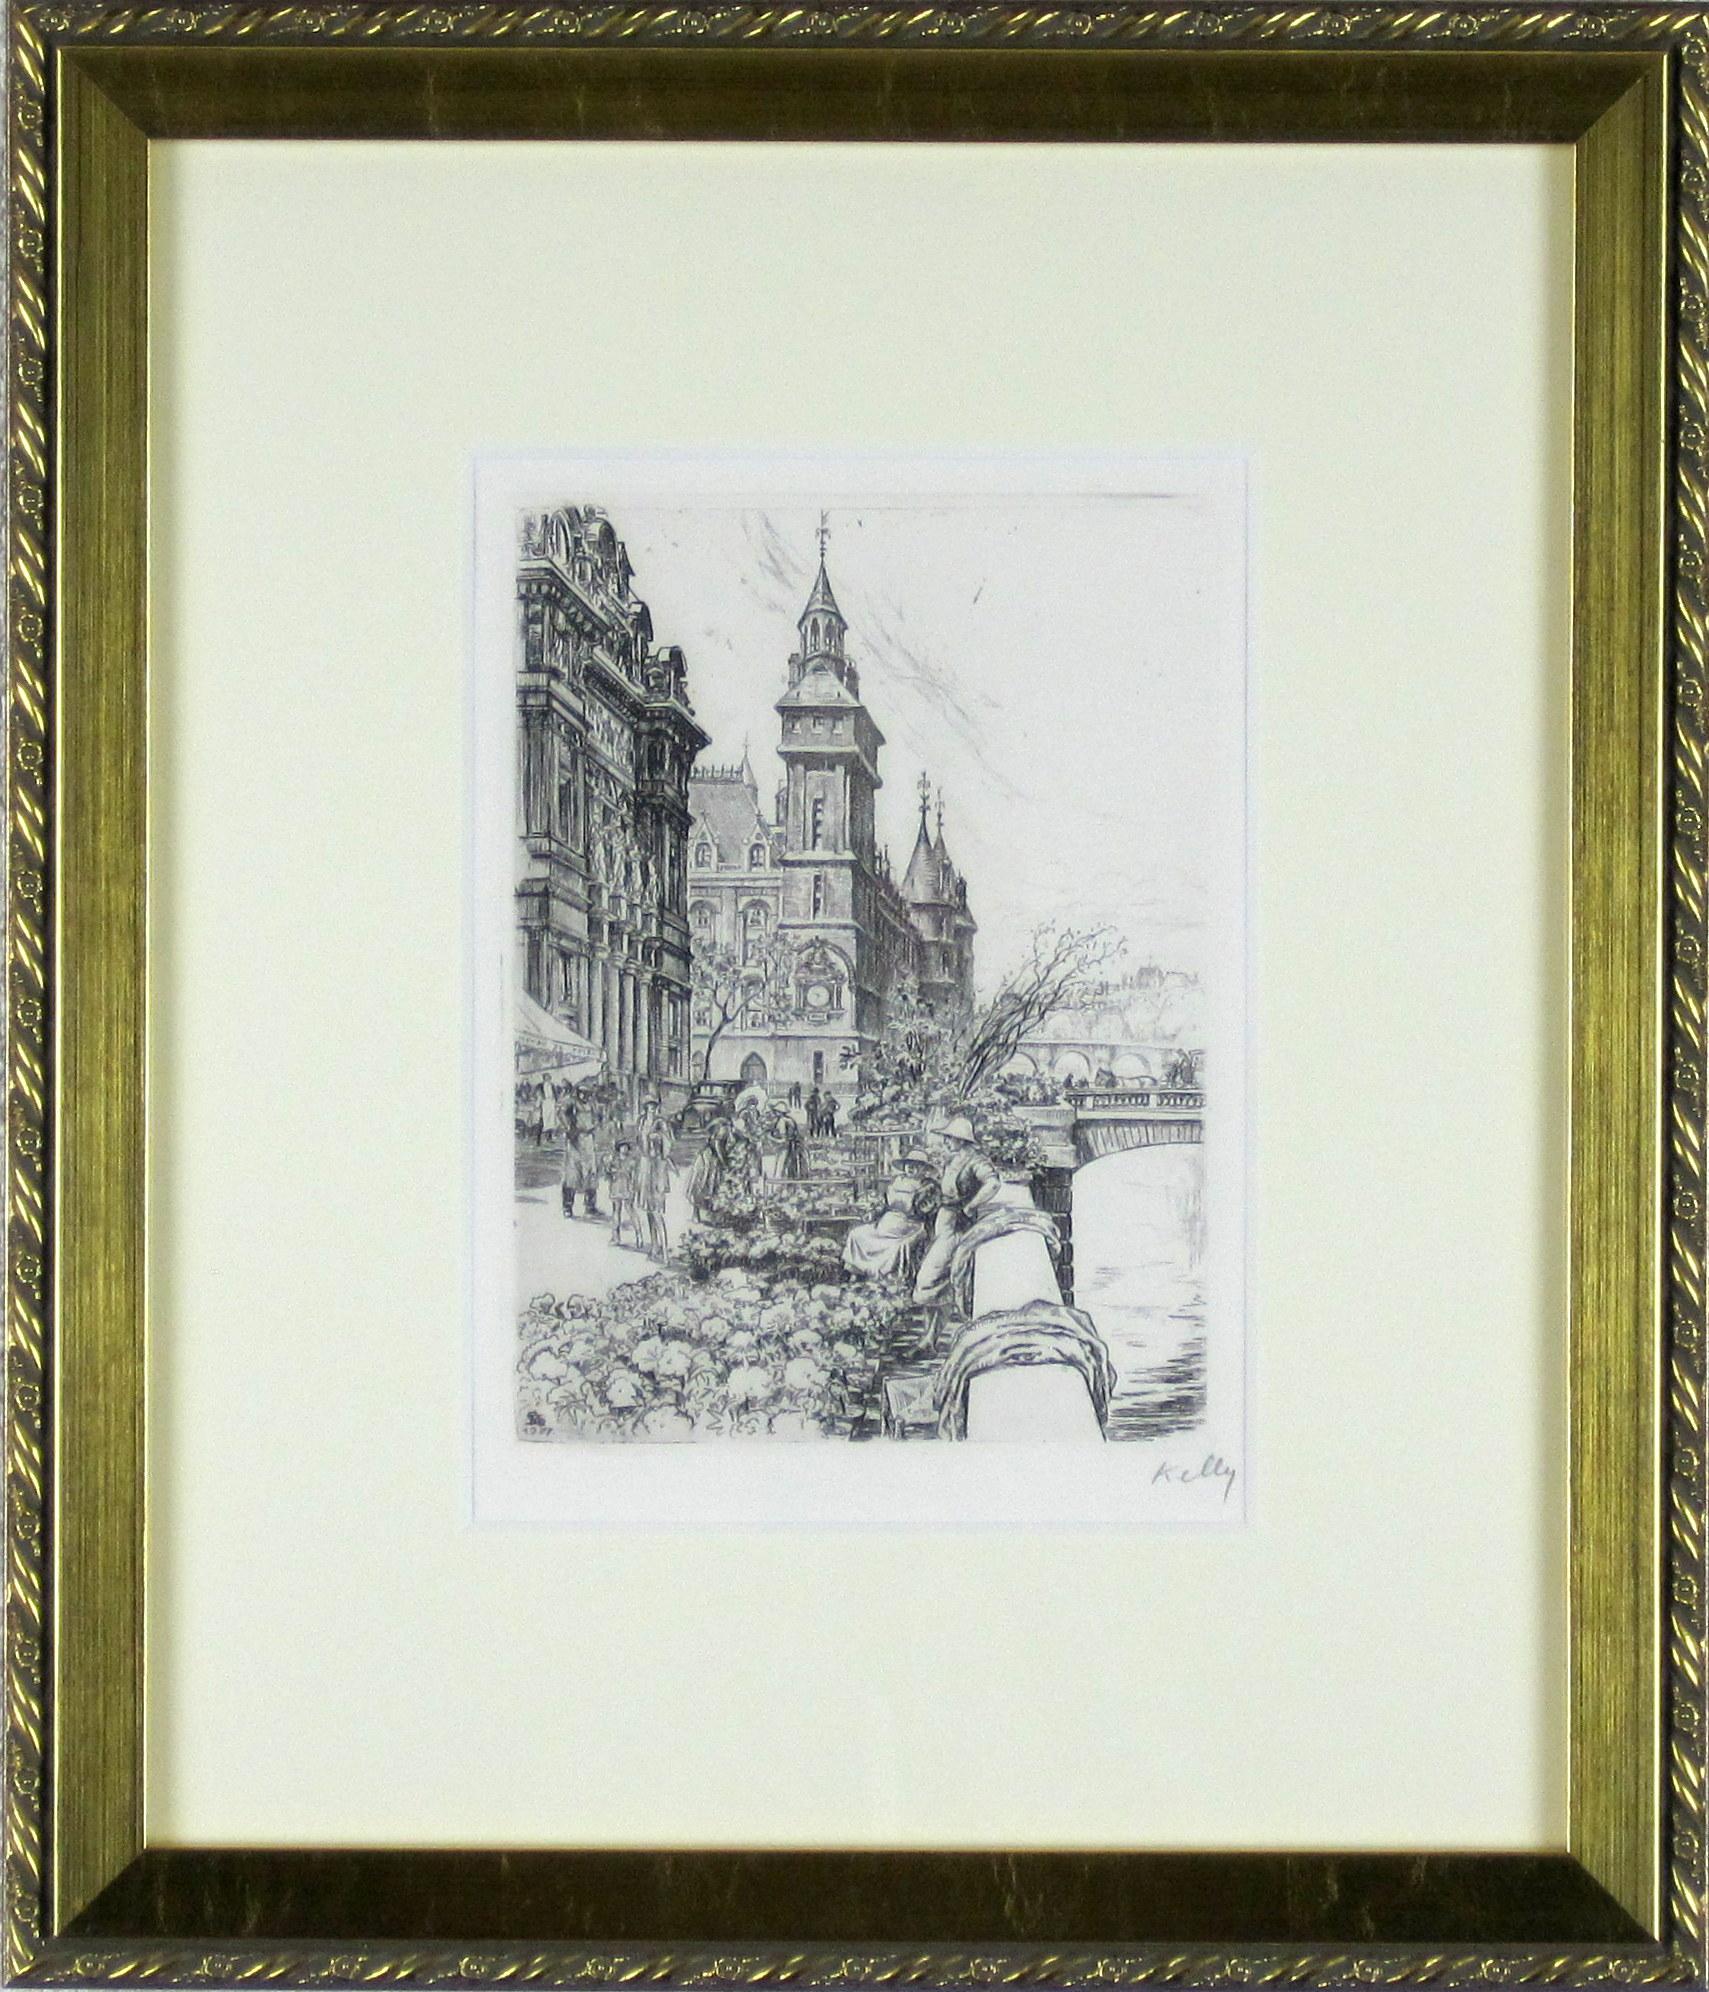 パリ風景画・ケリー 「ノートルダム」エッチング400×334mm